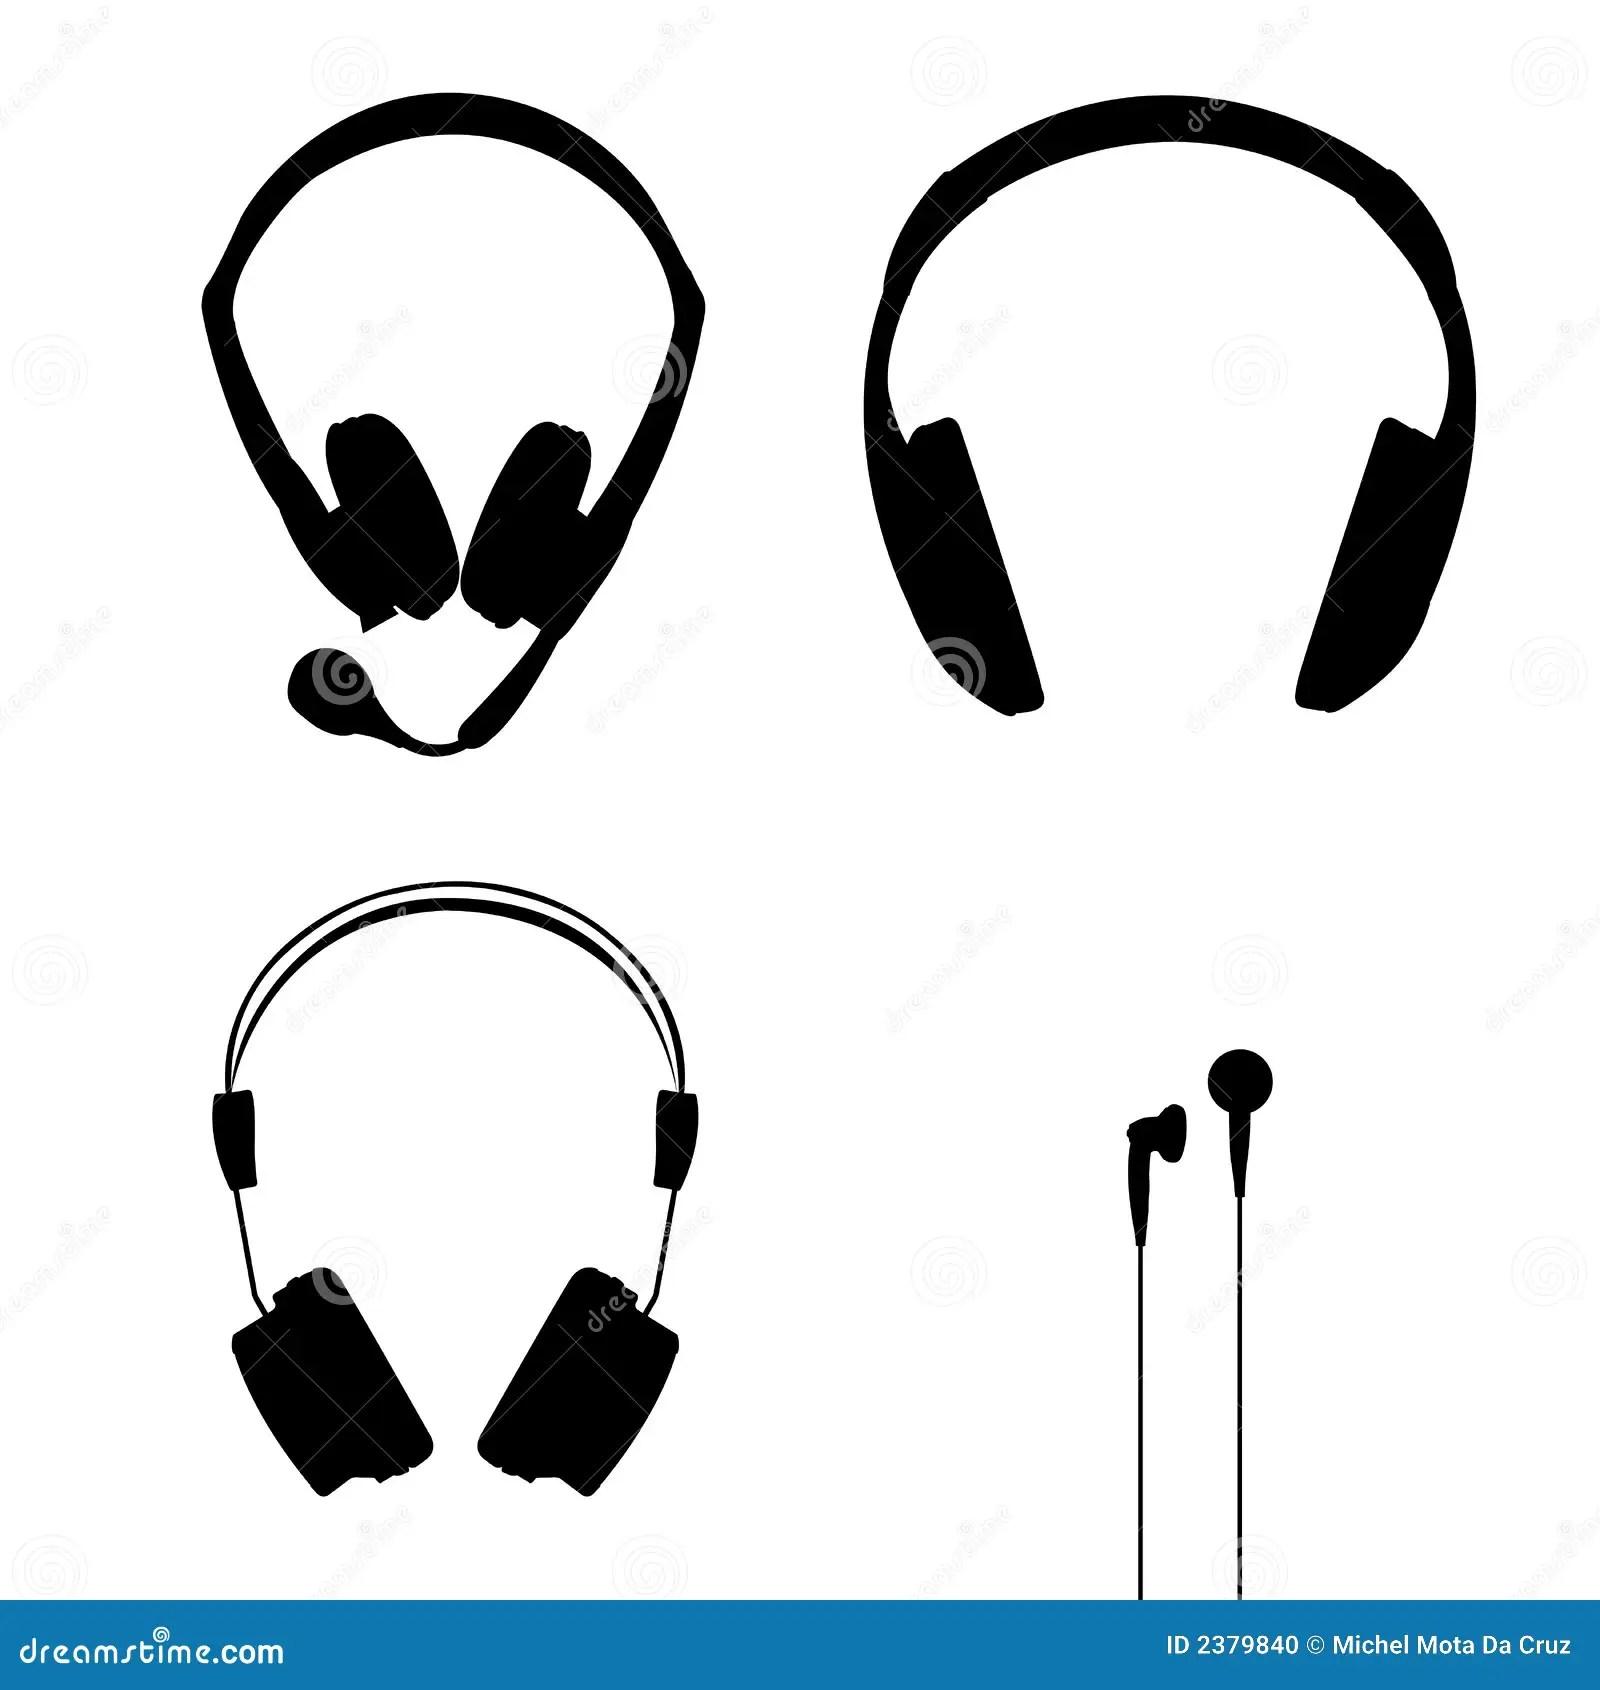 Headphones Vector Stock Vector Illustration Of Earphones